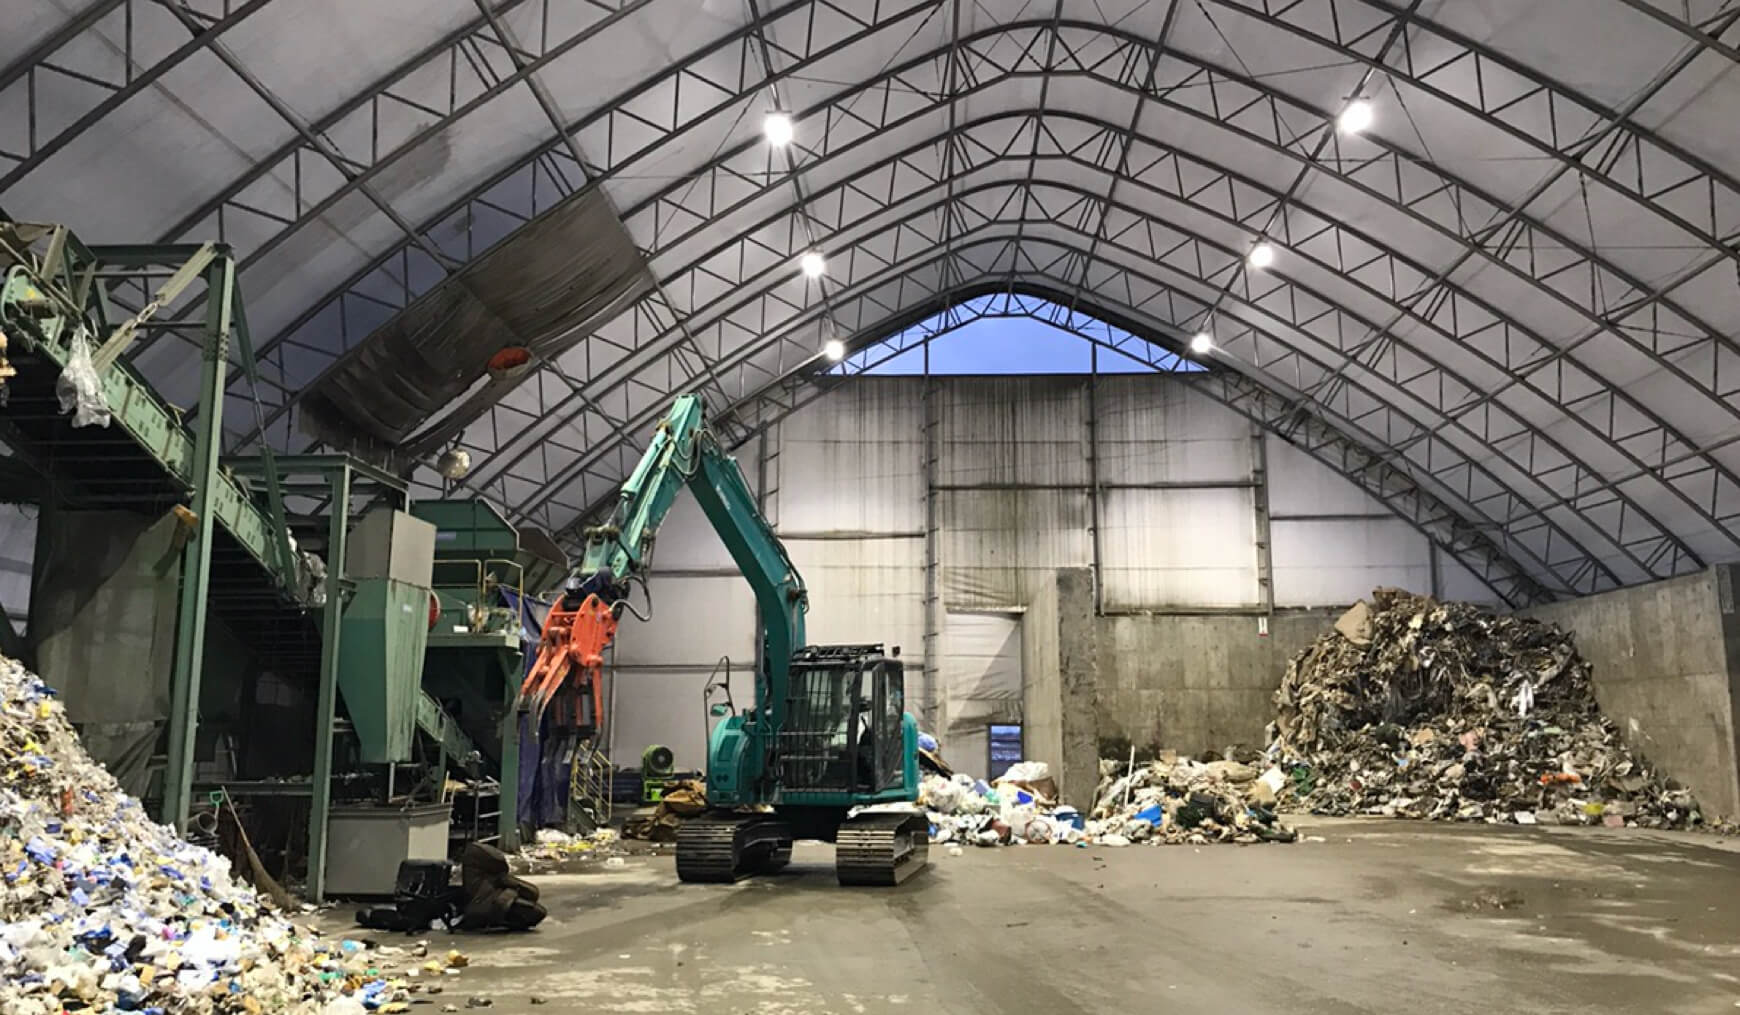 産業廃棄物処理場用ドームの特徴 イメージ 01